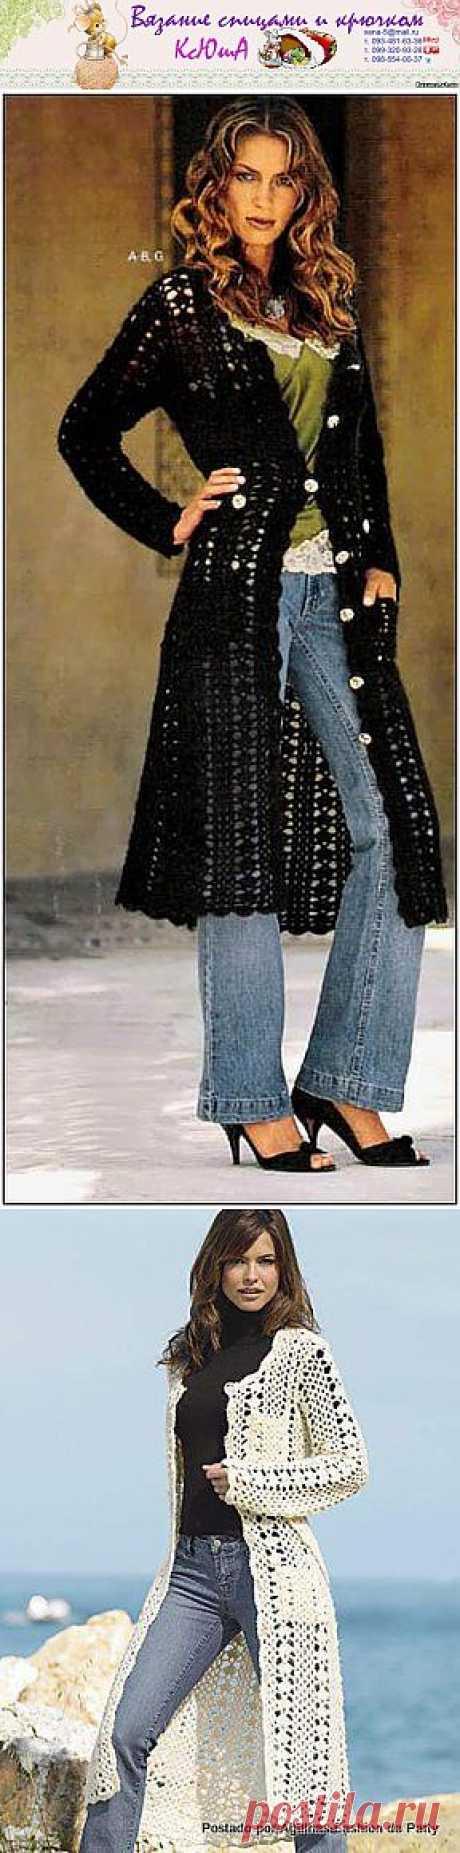 Пальто крючком - 30 Ноября 2011 - Блог - Вязаные вещи на заказ